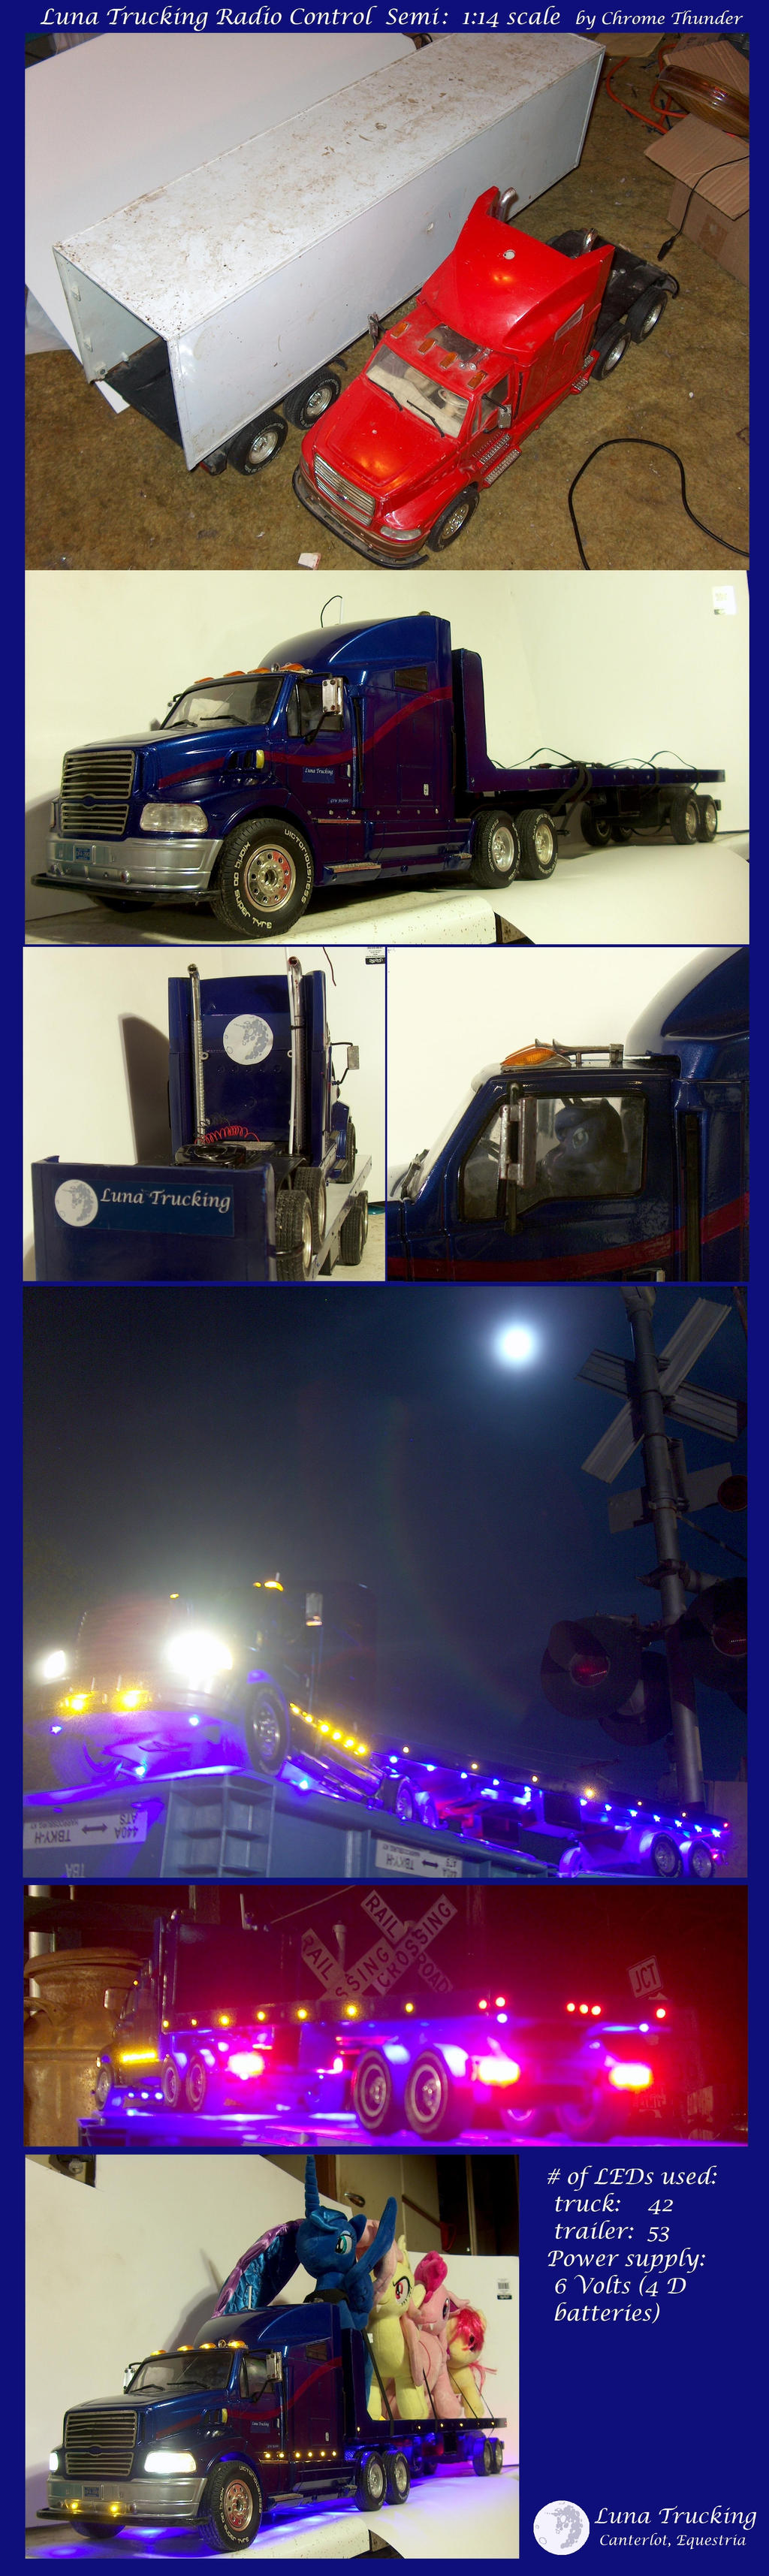 Luna Trucking Semi: R/C 1:14 Scale